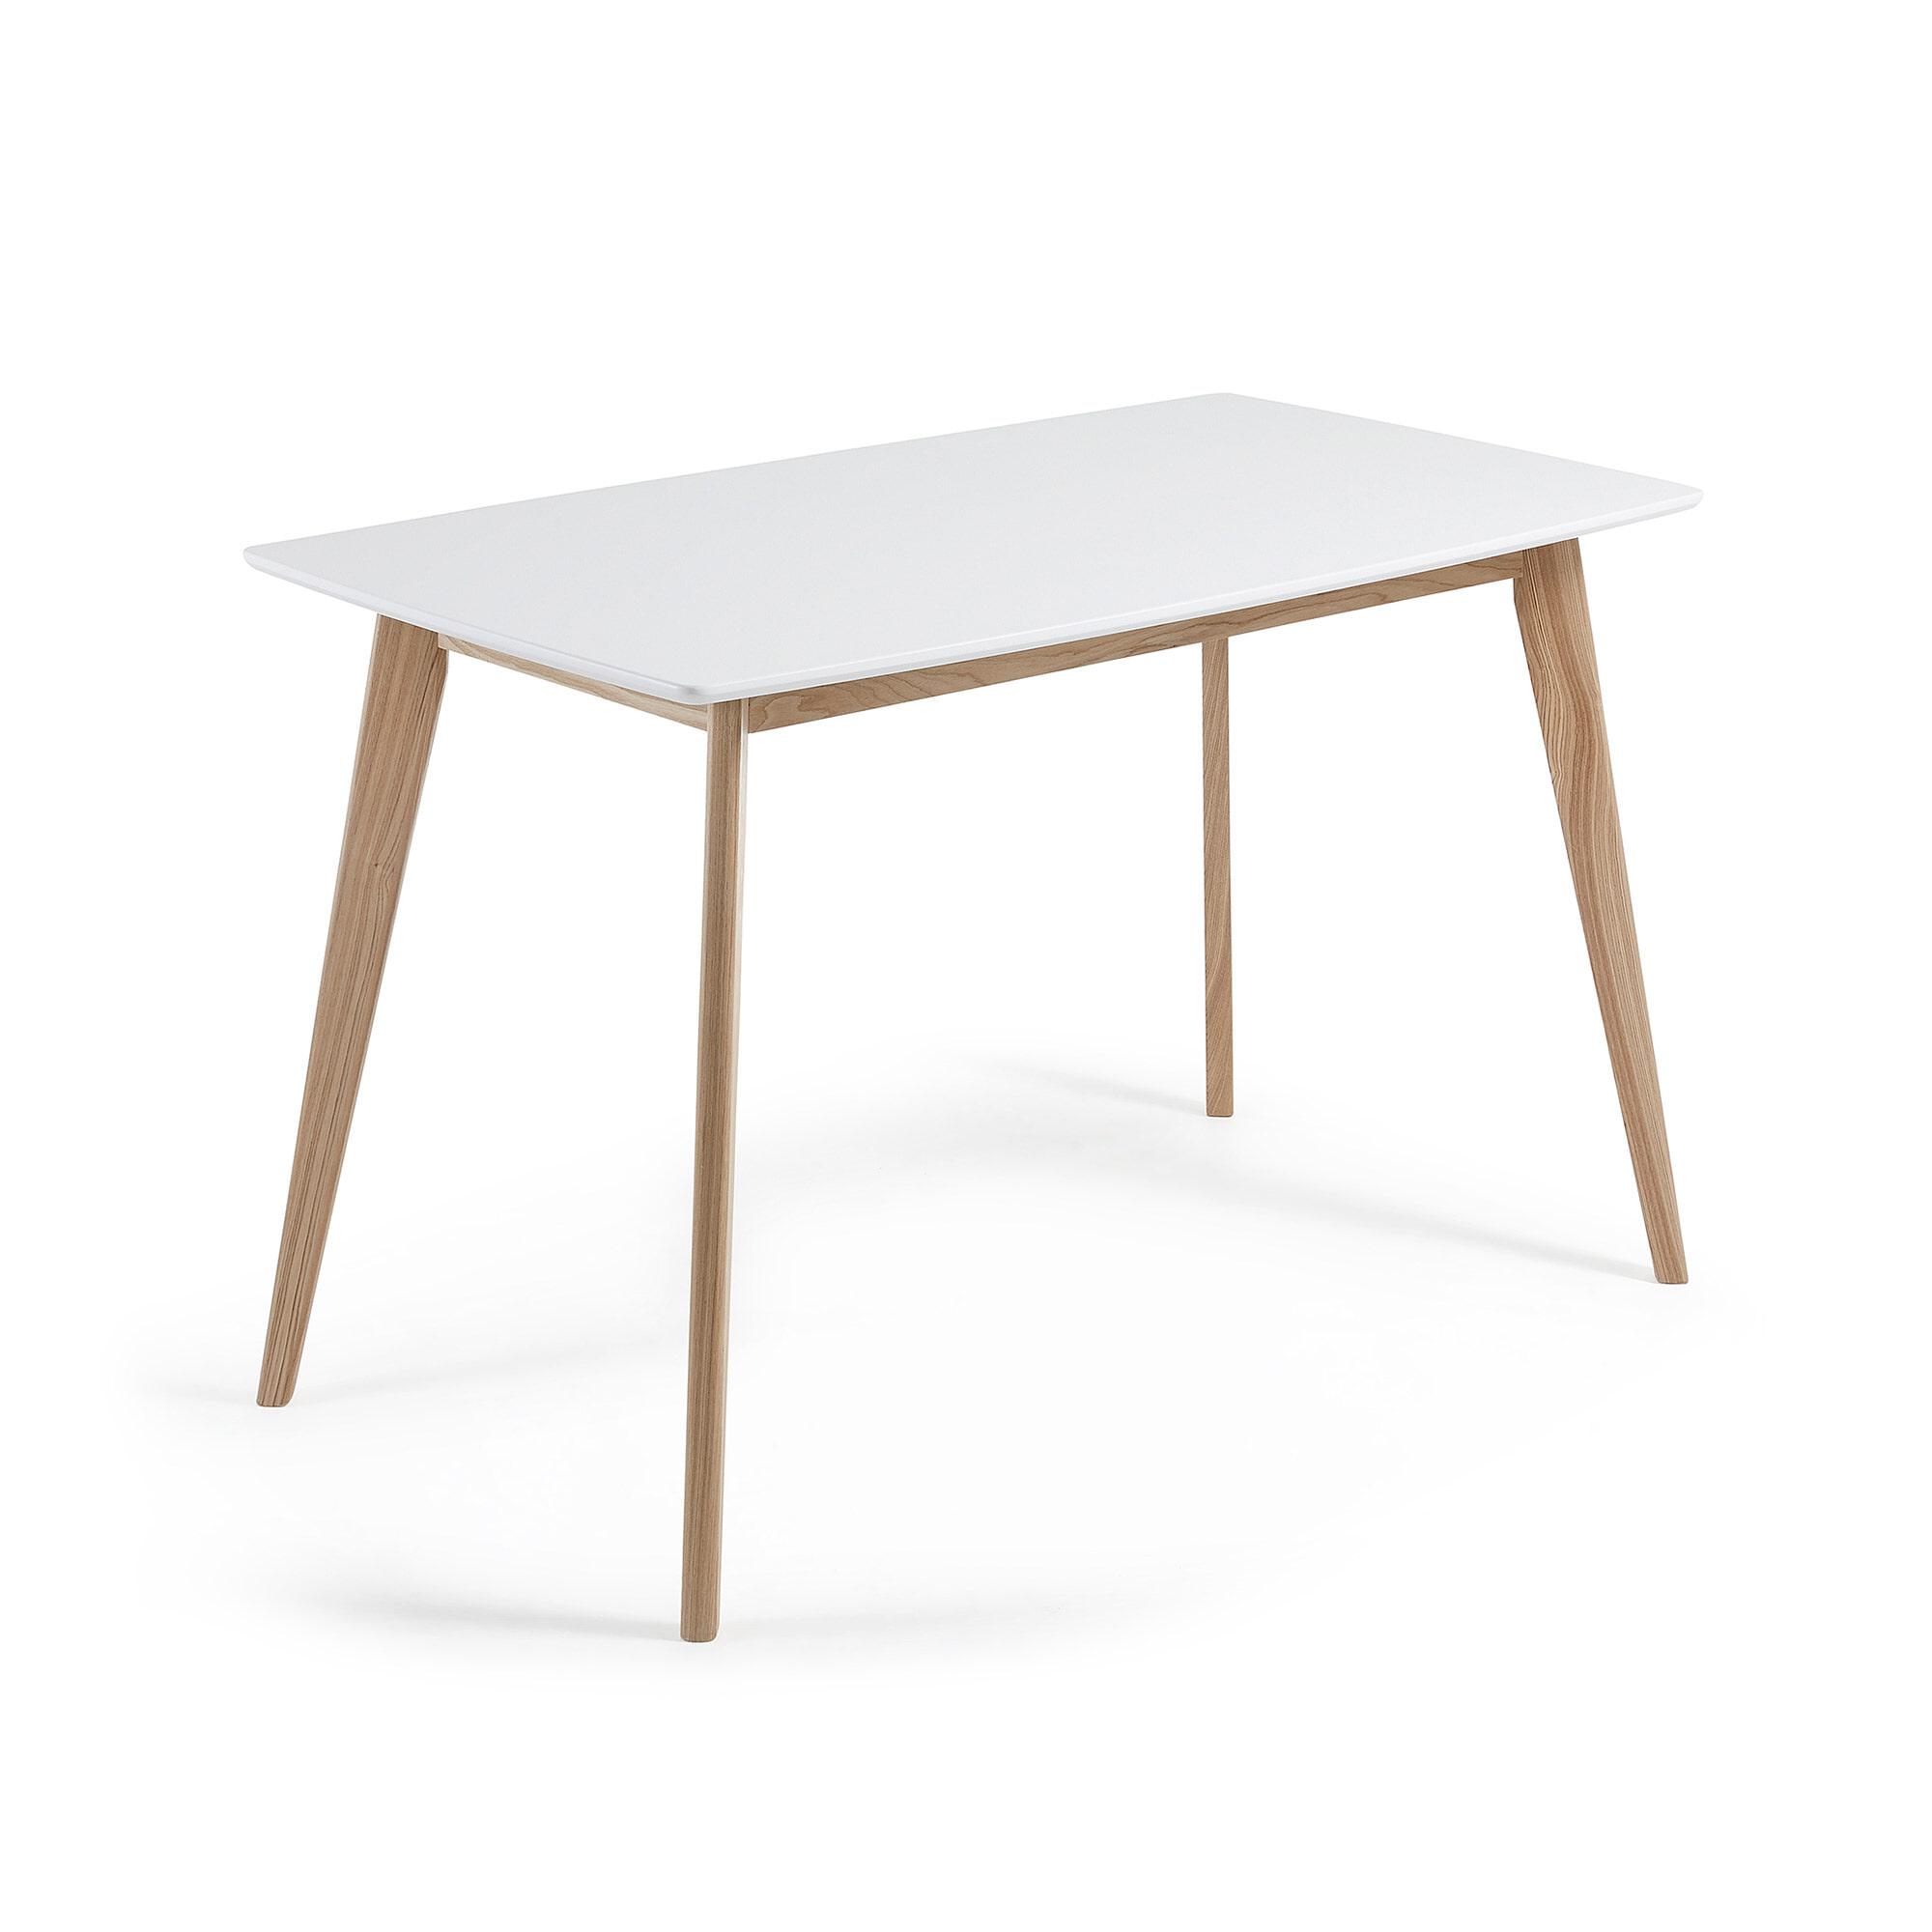 Kave Home Eettafel 'Anit' 140 x 80cm, kleur wit